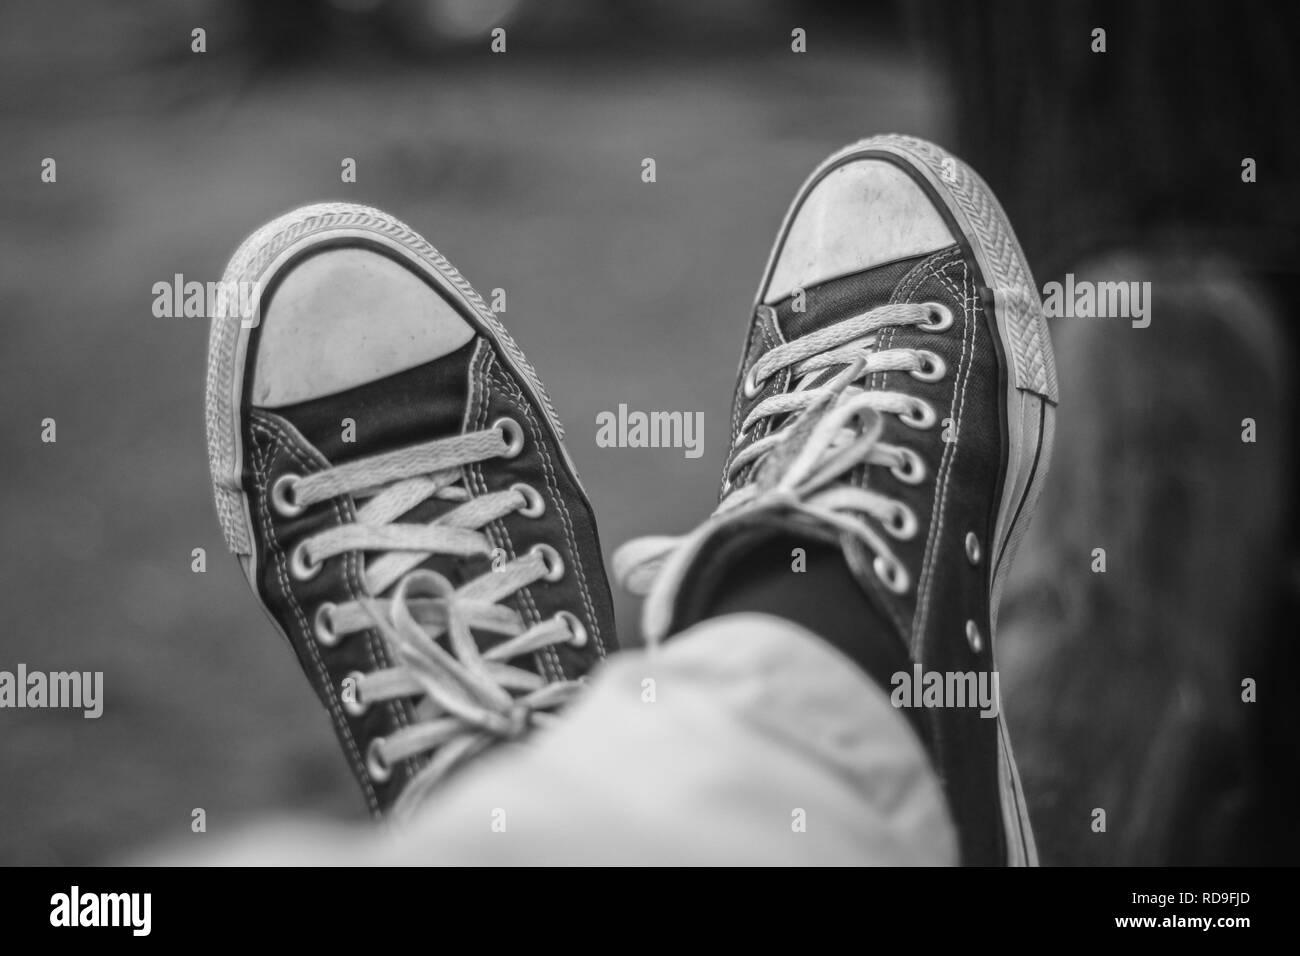 Hintergrund Landschaft Tumblr Schwarzweiß Stockfotos und  bilder ...